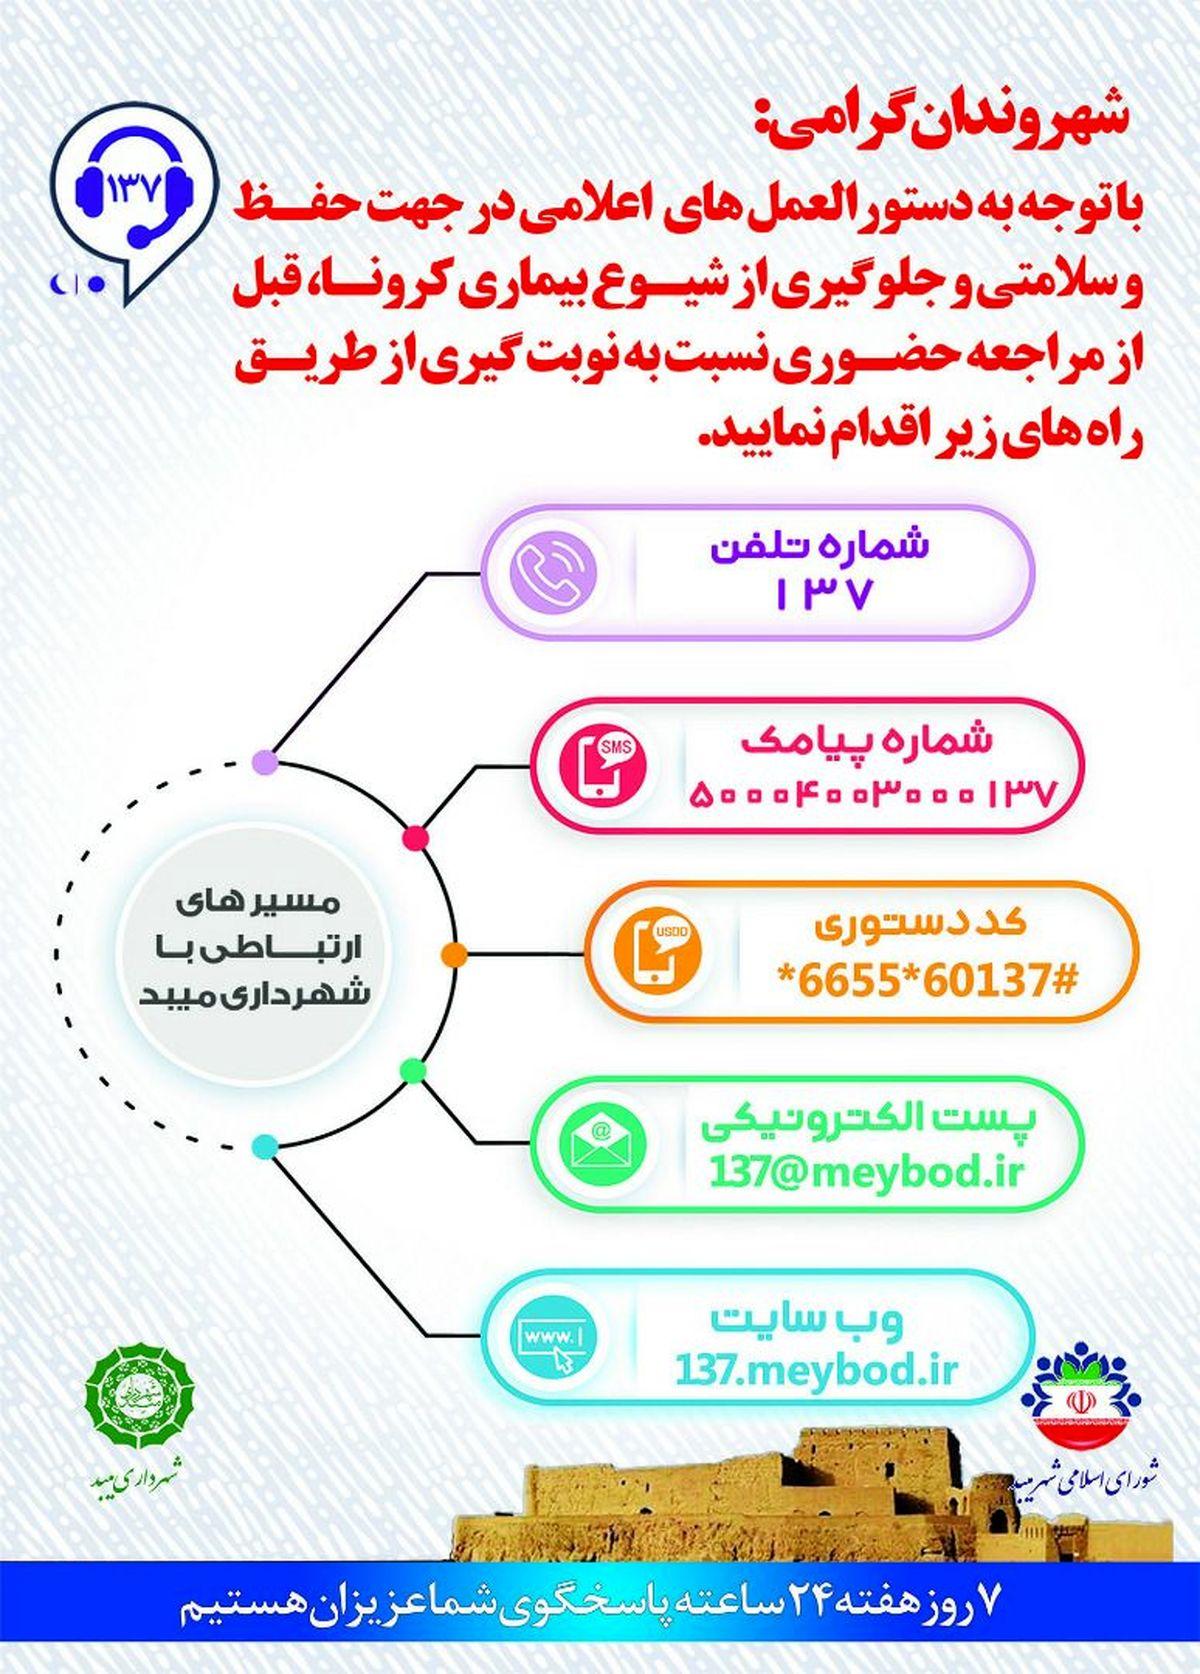 شهروندان میبد برای دریافت خدمات فقط با 137 تماس بگیرند